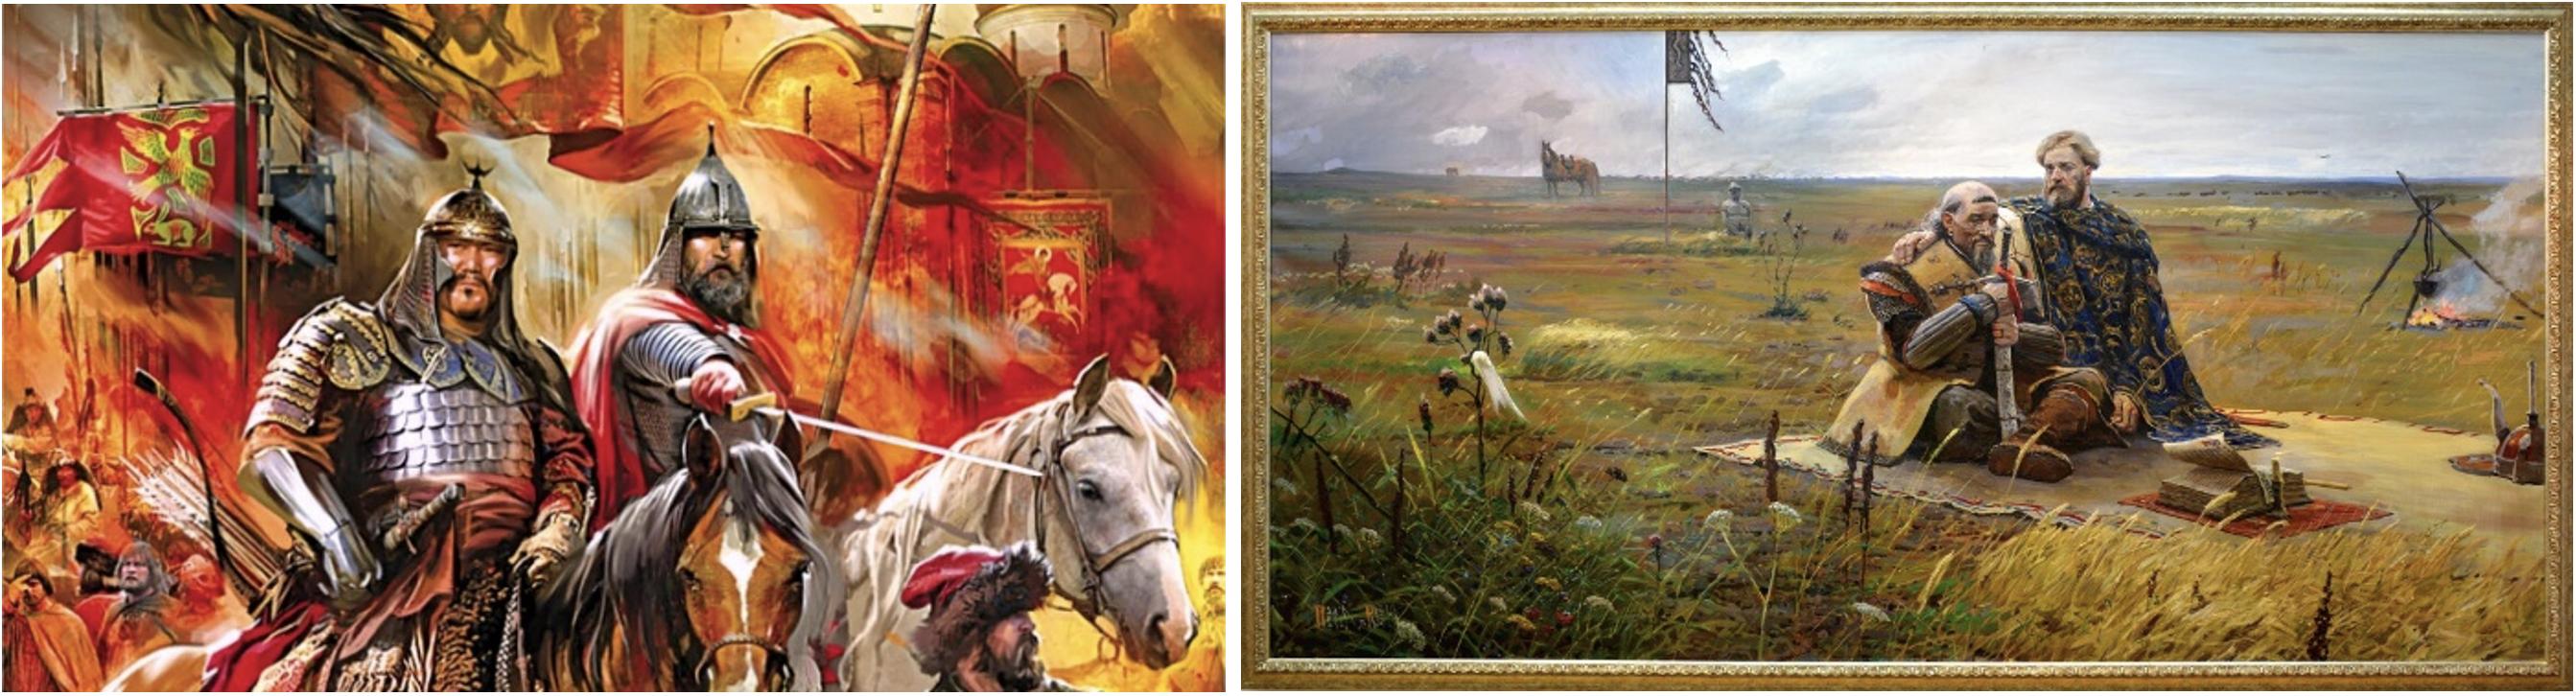 Образ побратимов Александра Невского и Сартака в живописи